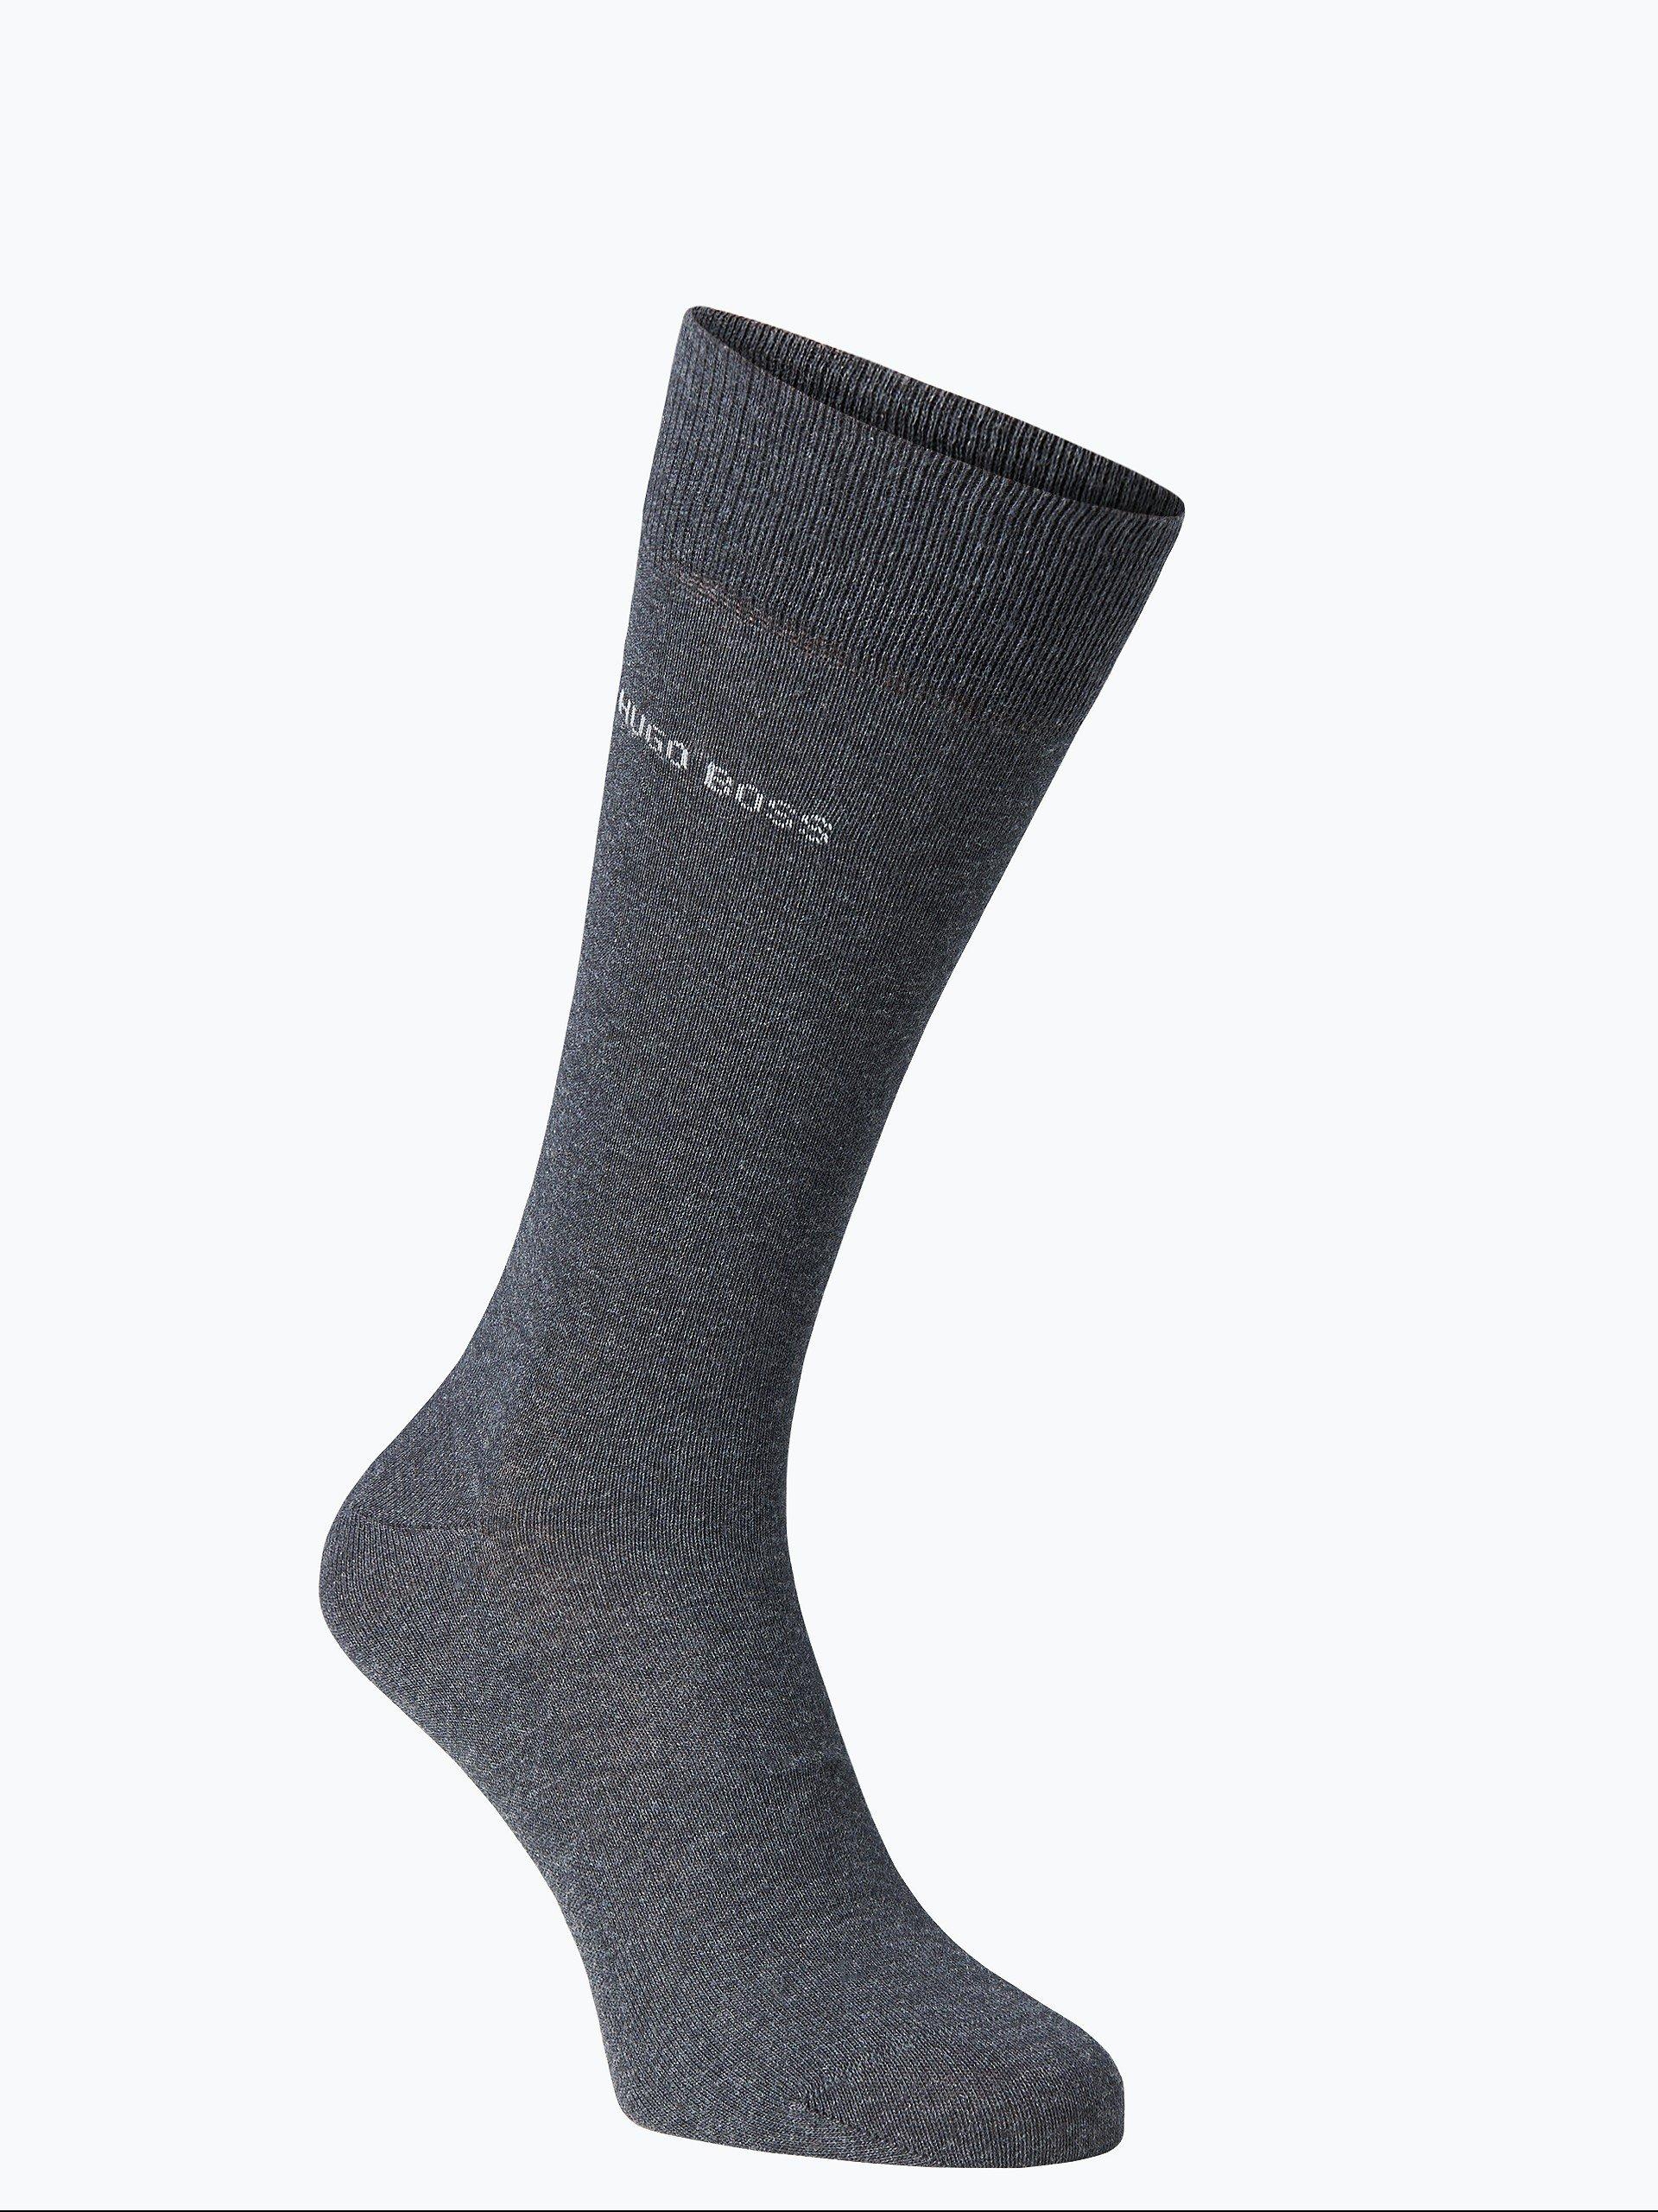 BOSS Herren Socken im 2er-Pack - Twopack RS Uni